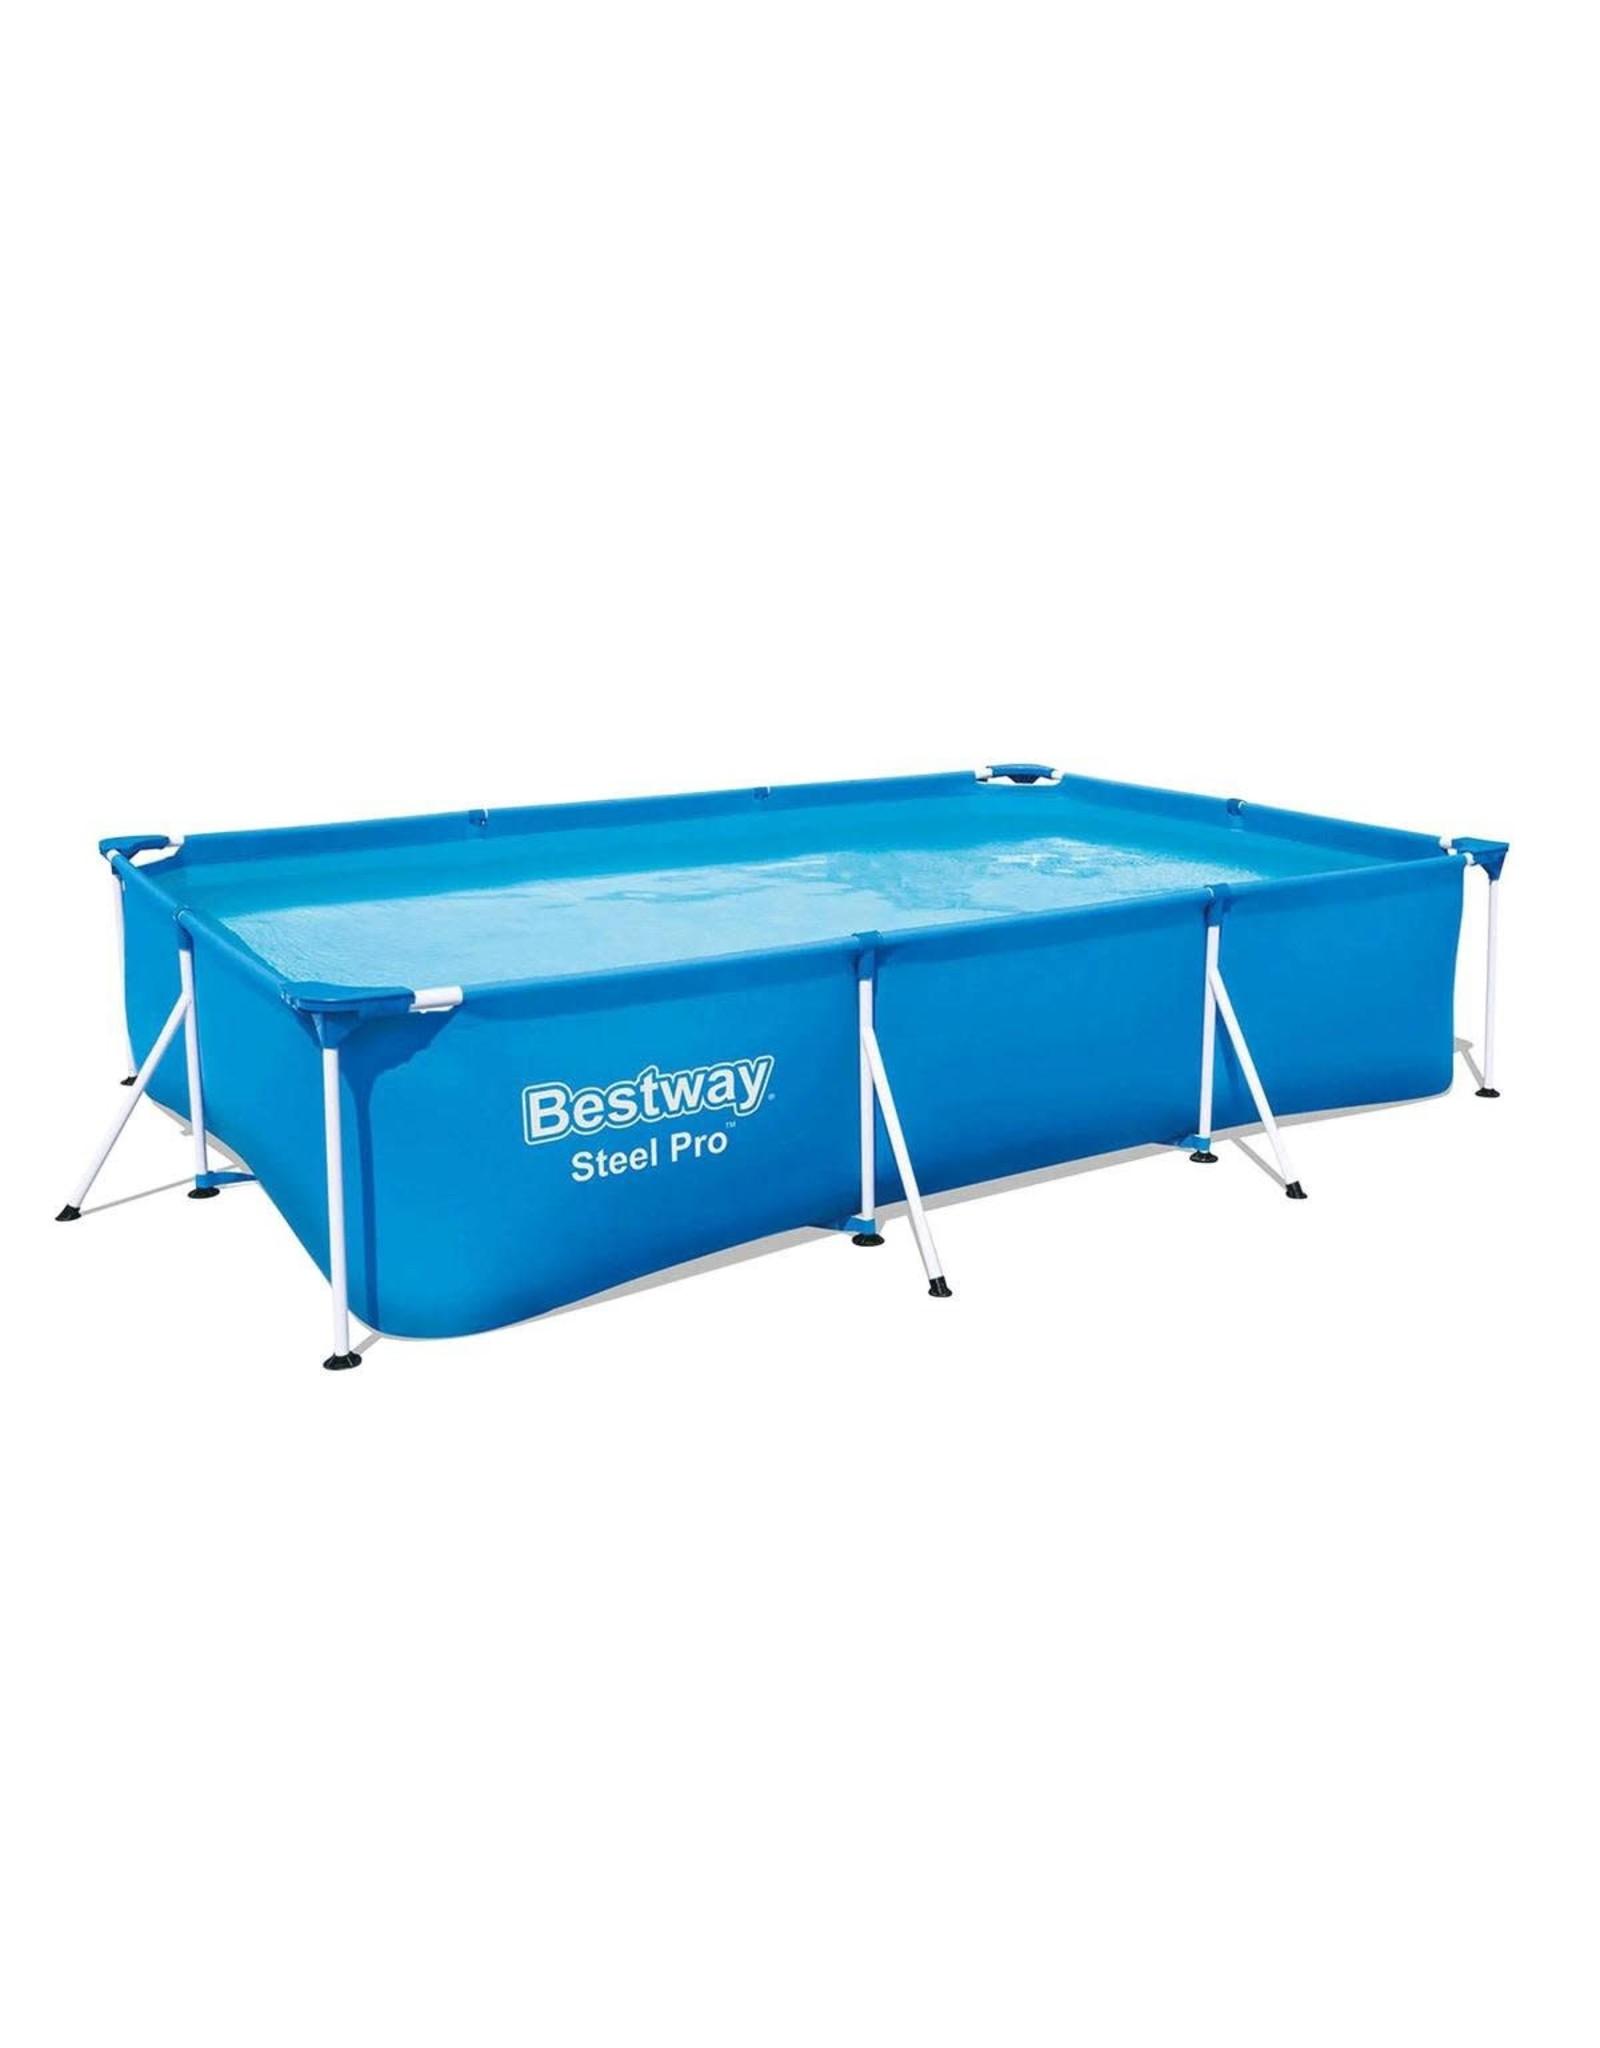 BESTWAY Bestway Steel Pro 300 x 201 x 66 cm - Opzetzwembad